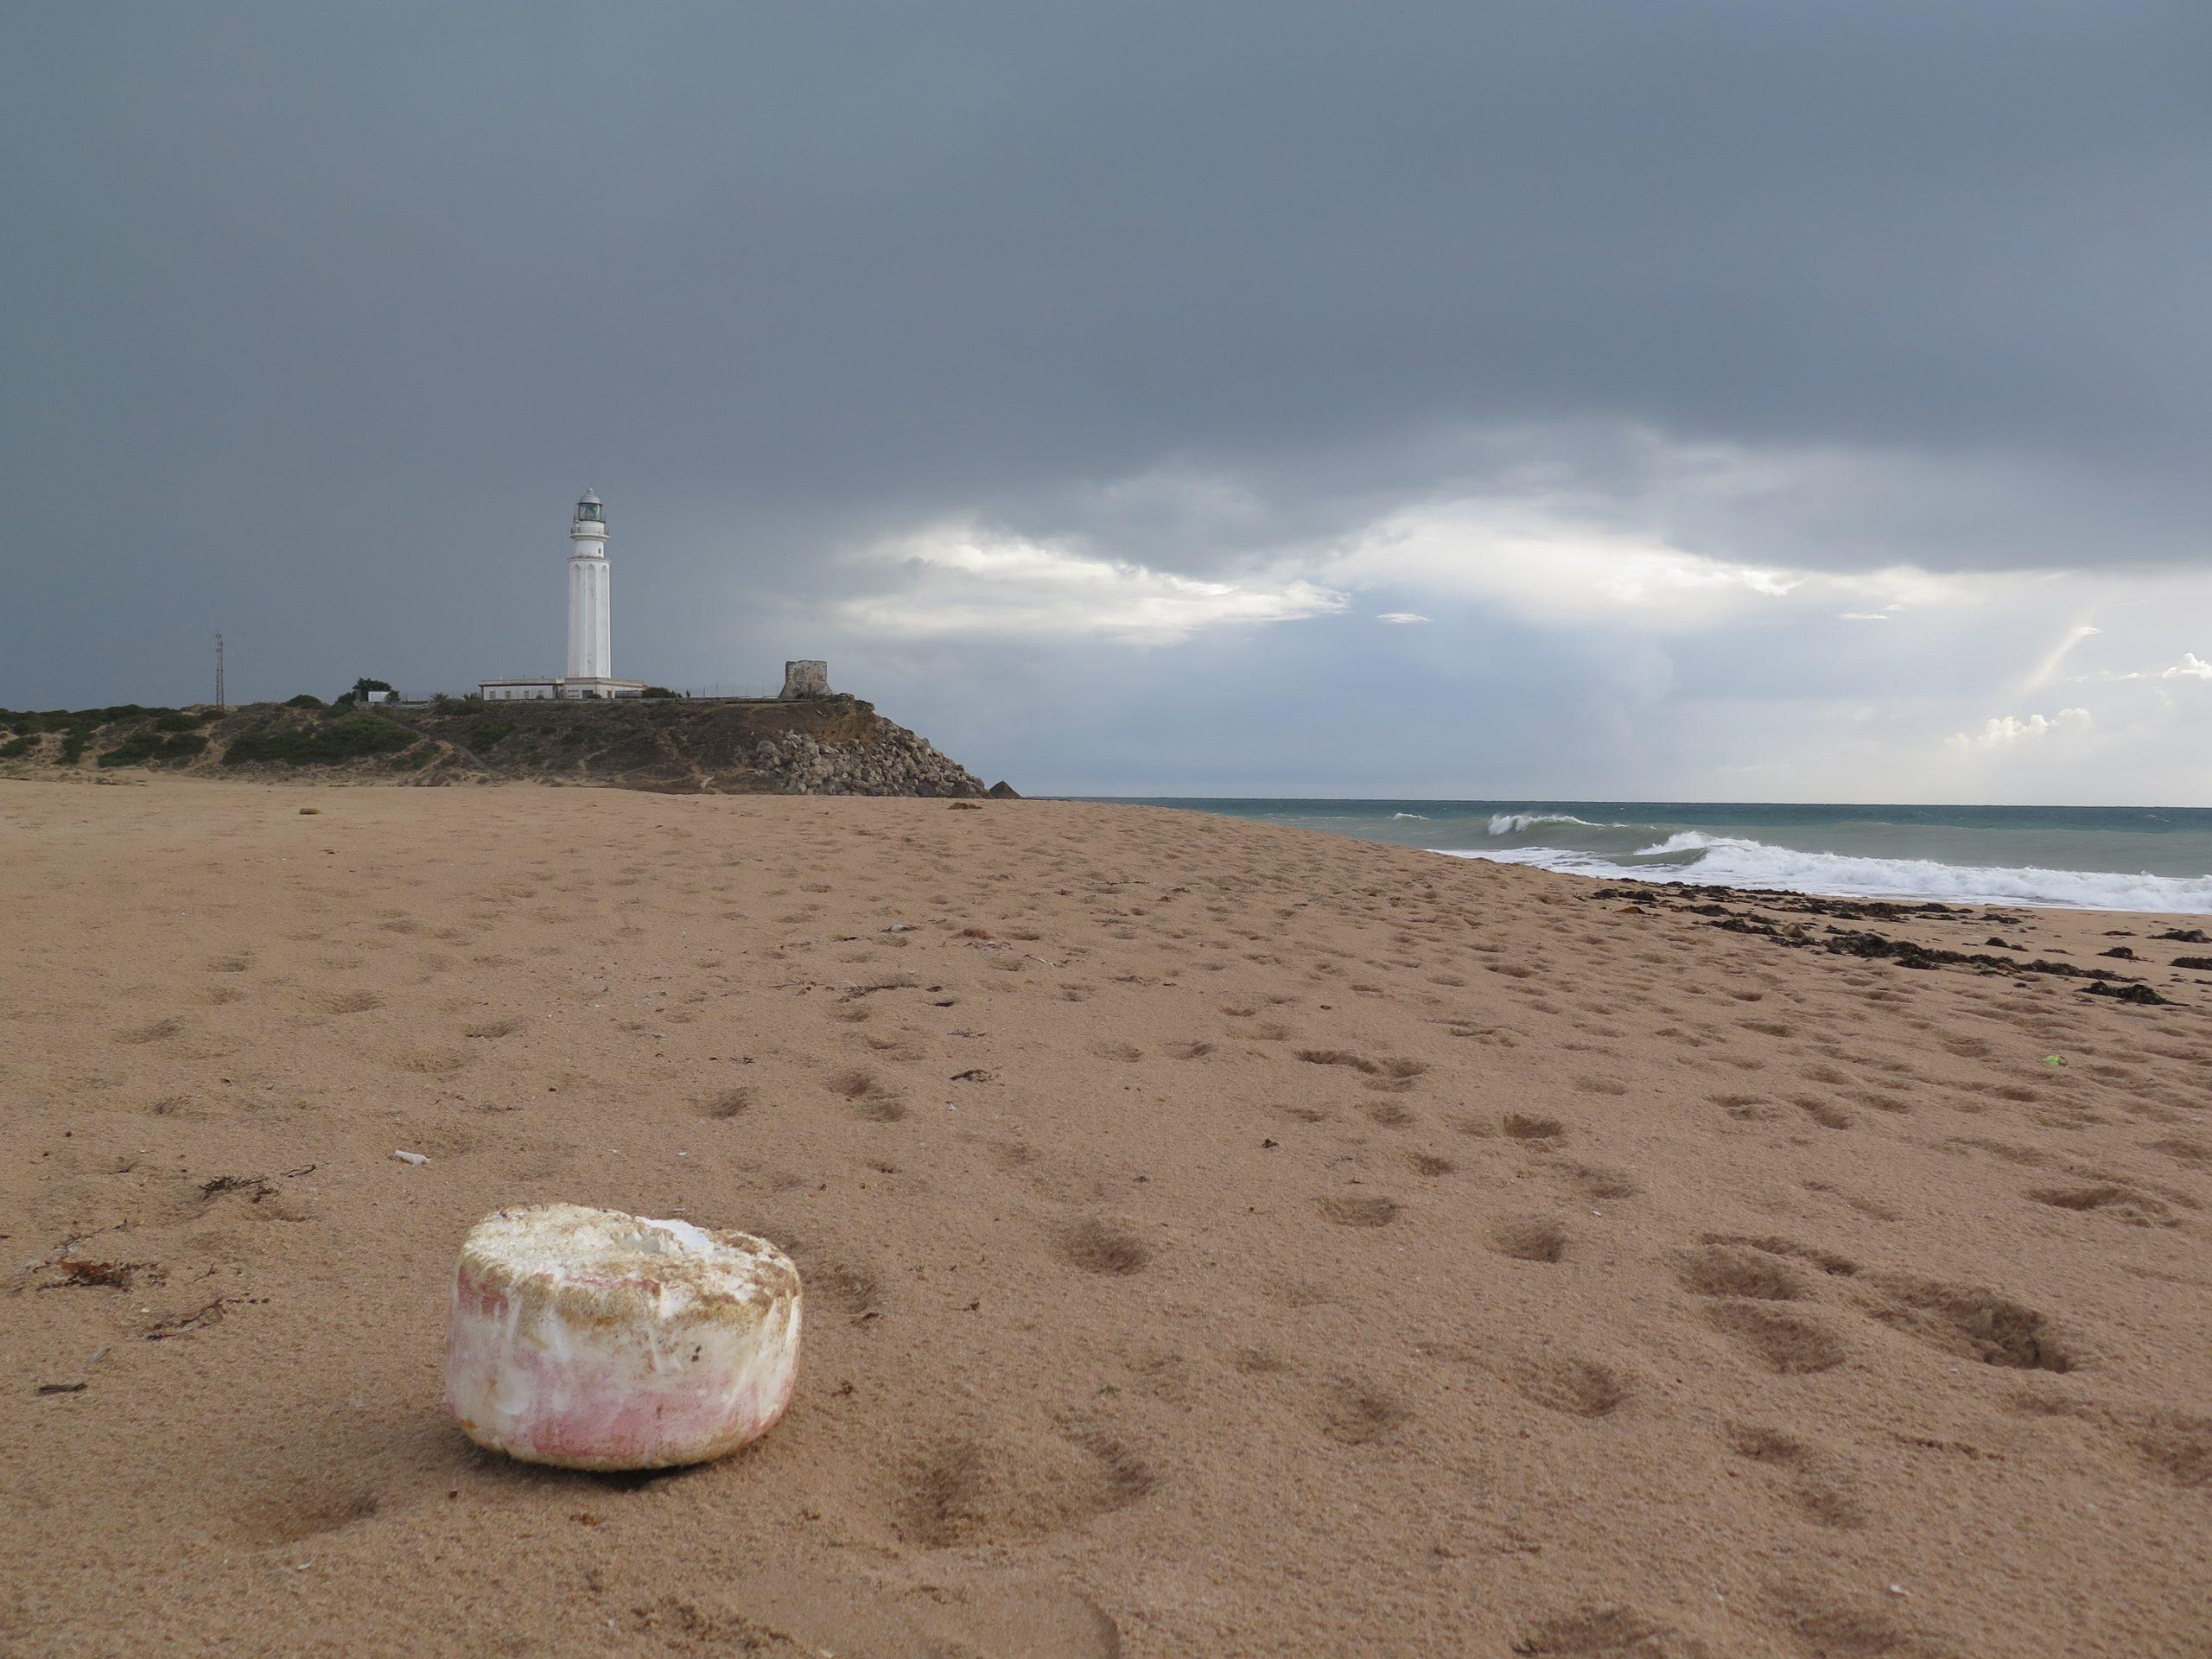 Un estudio realizado por investigadores de la UCA constata que las colillas son los residuos más abundantes en las playas gaditanas